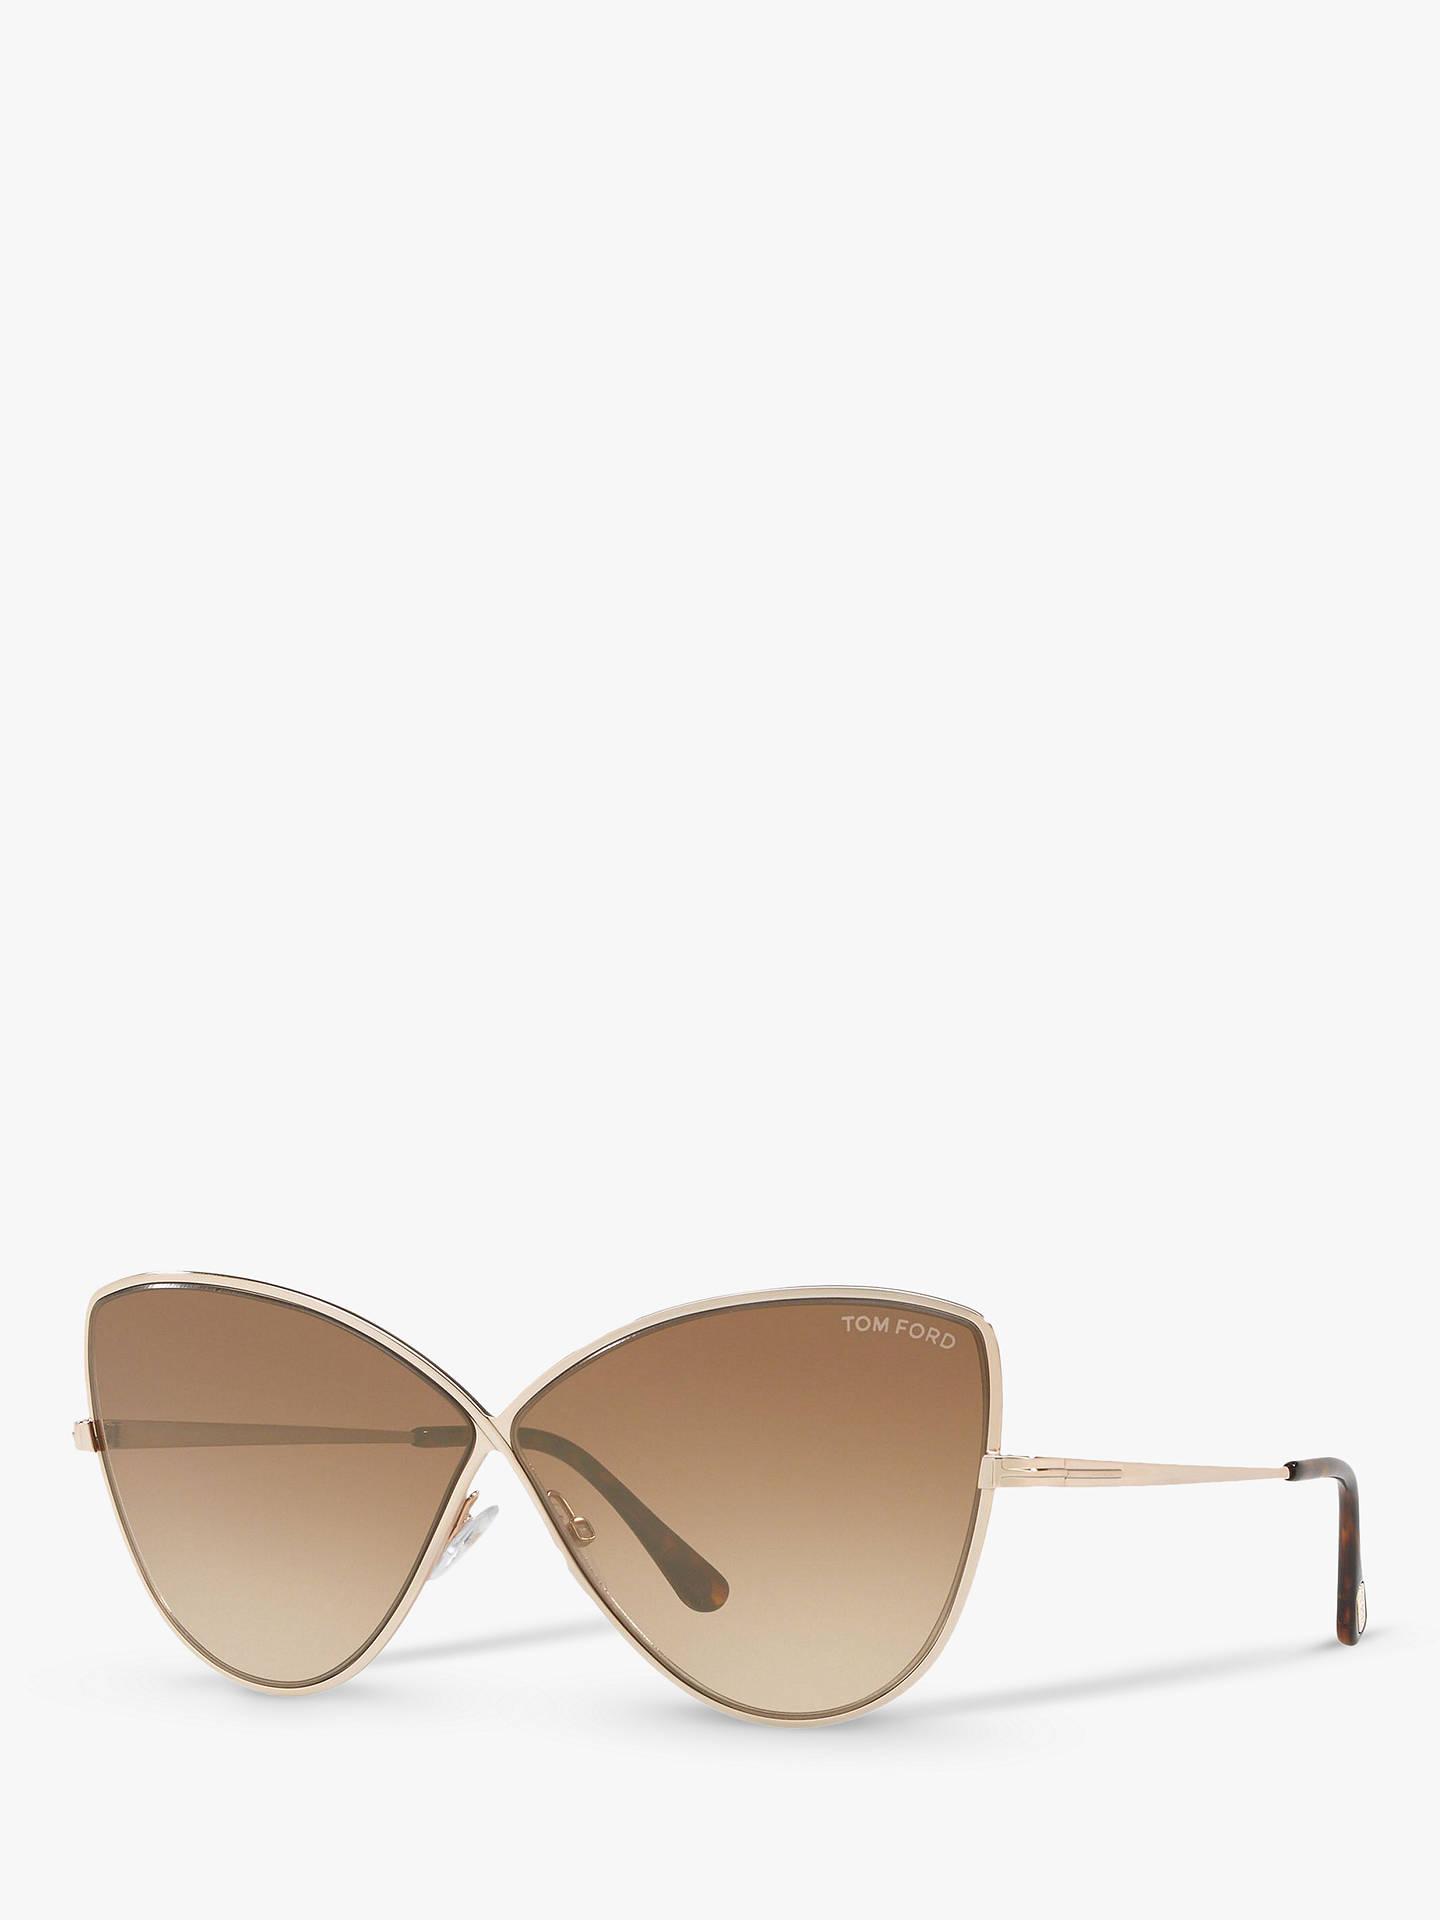 795be3d44f73 Buy TOM FORD FT0569 Elise-02 Cat s Eye Sunglasses